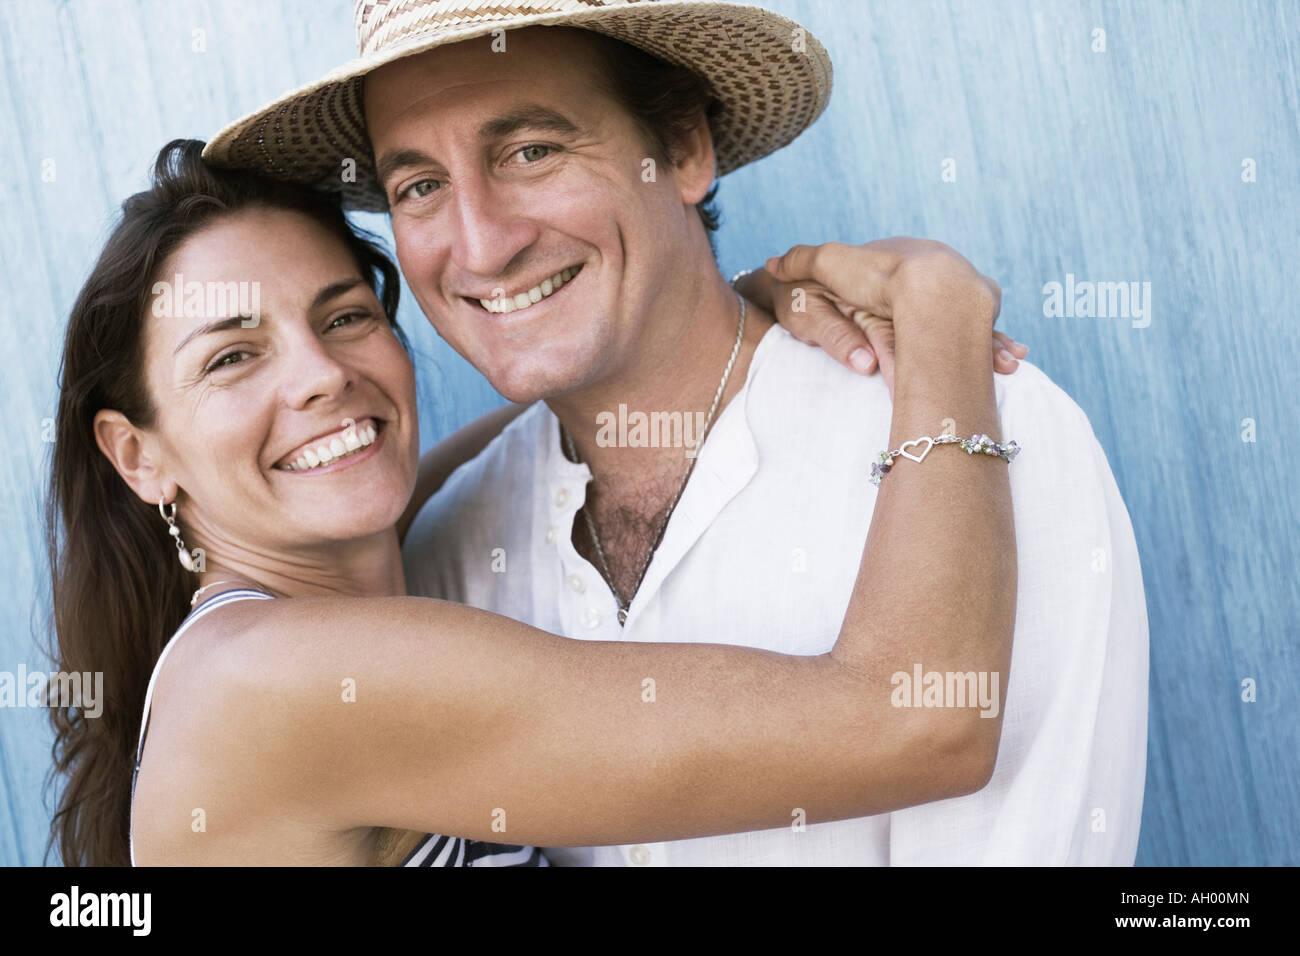 Retrato de una pareja adulta media sonriendo Imagen De Stock